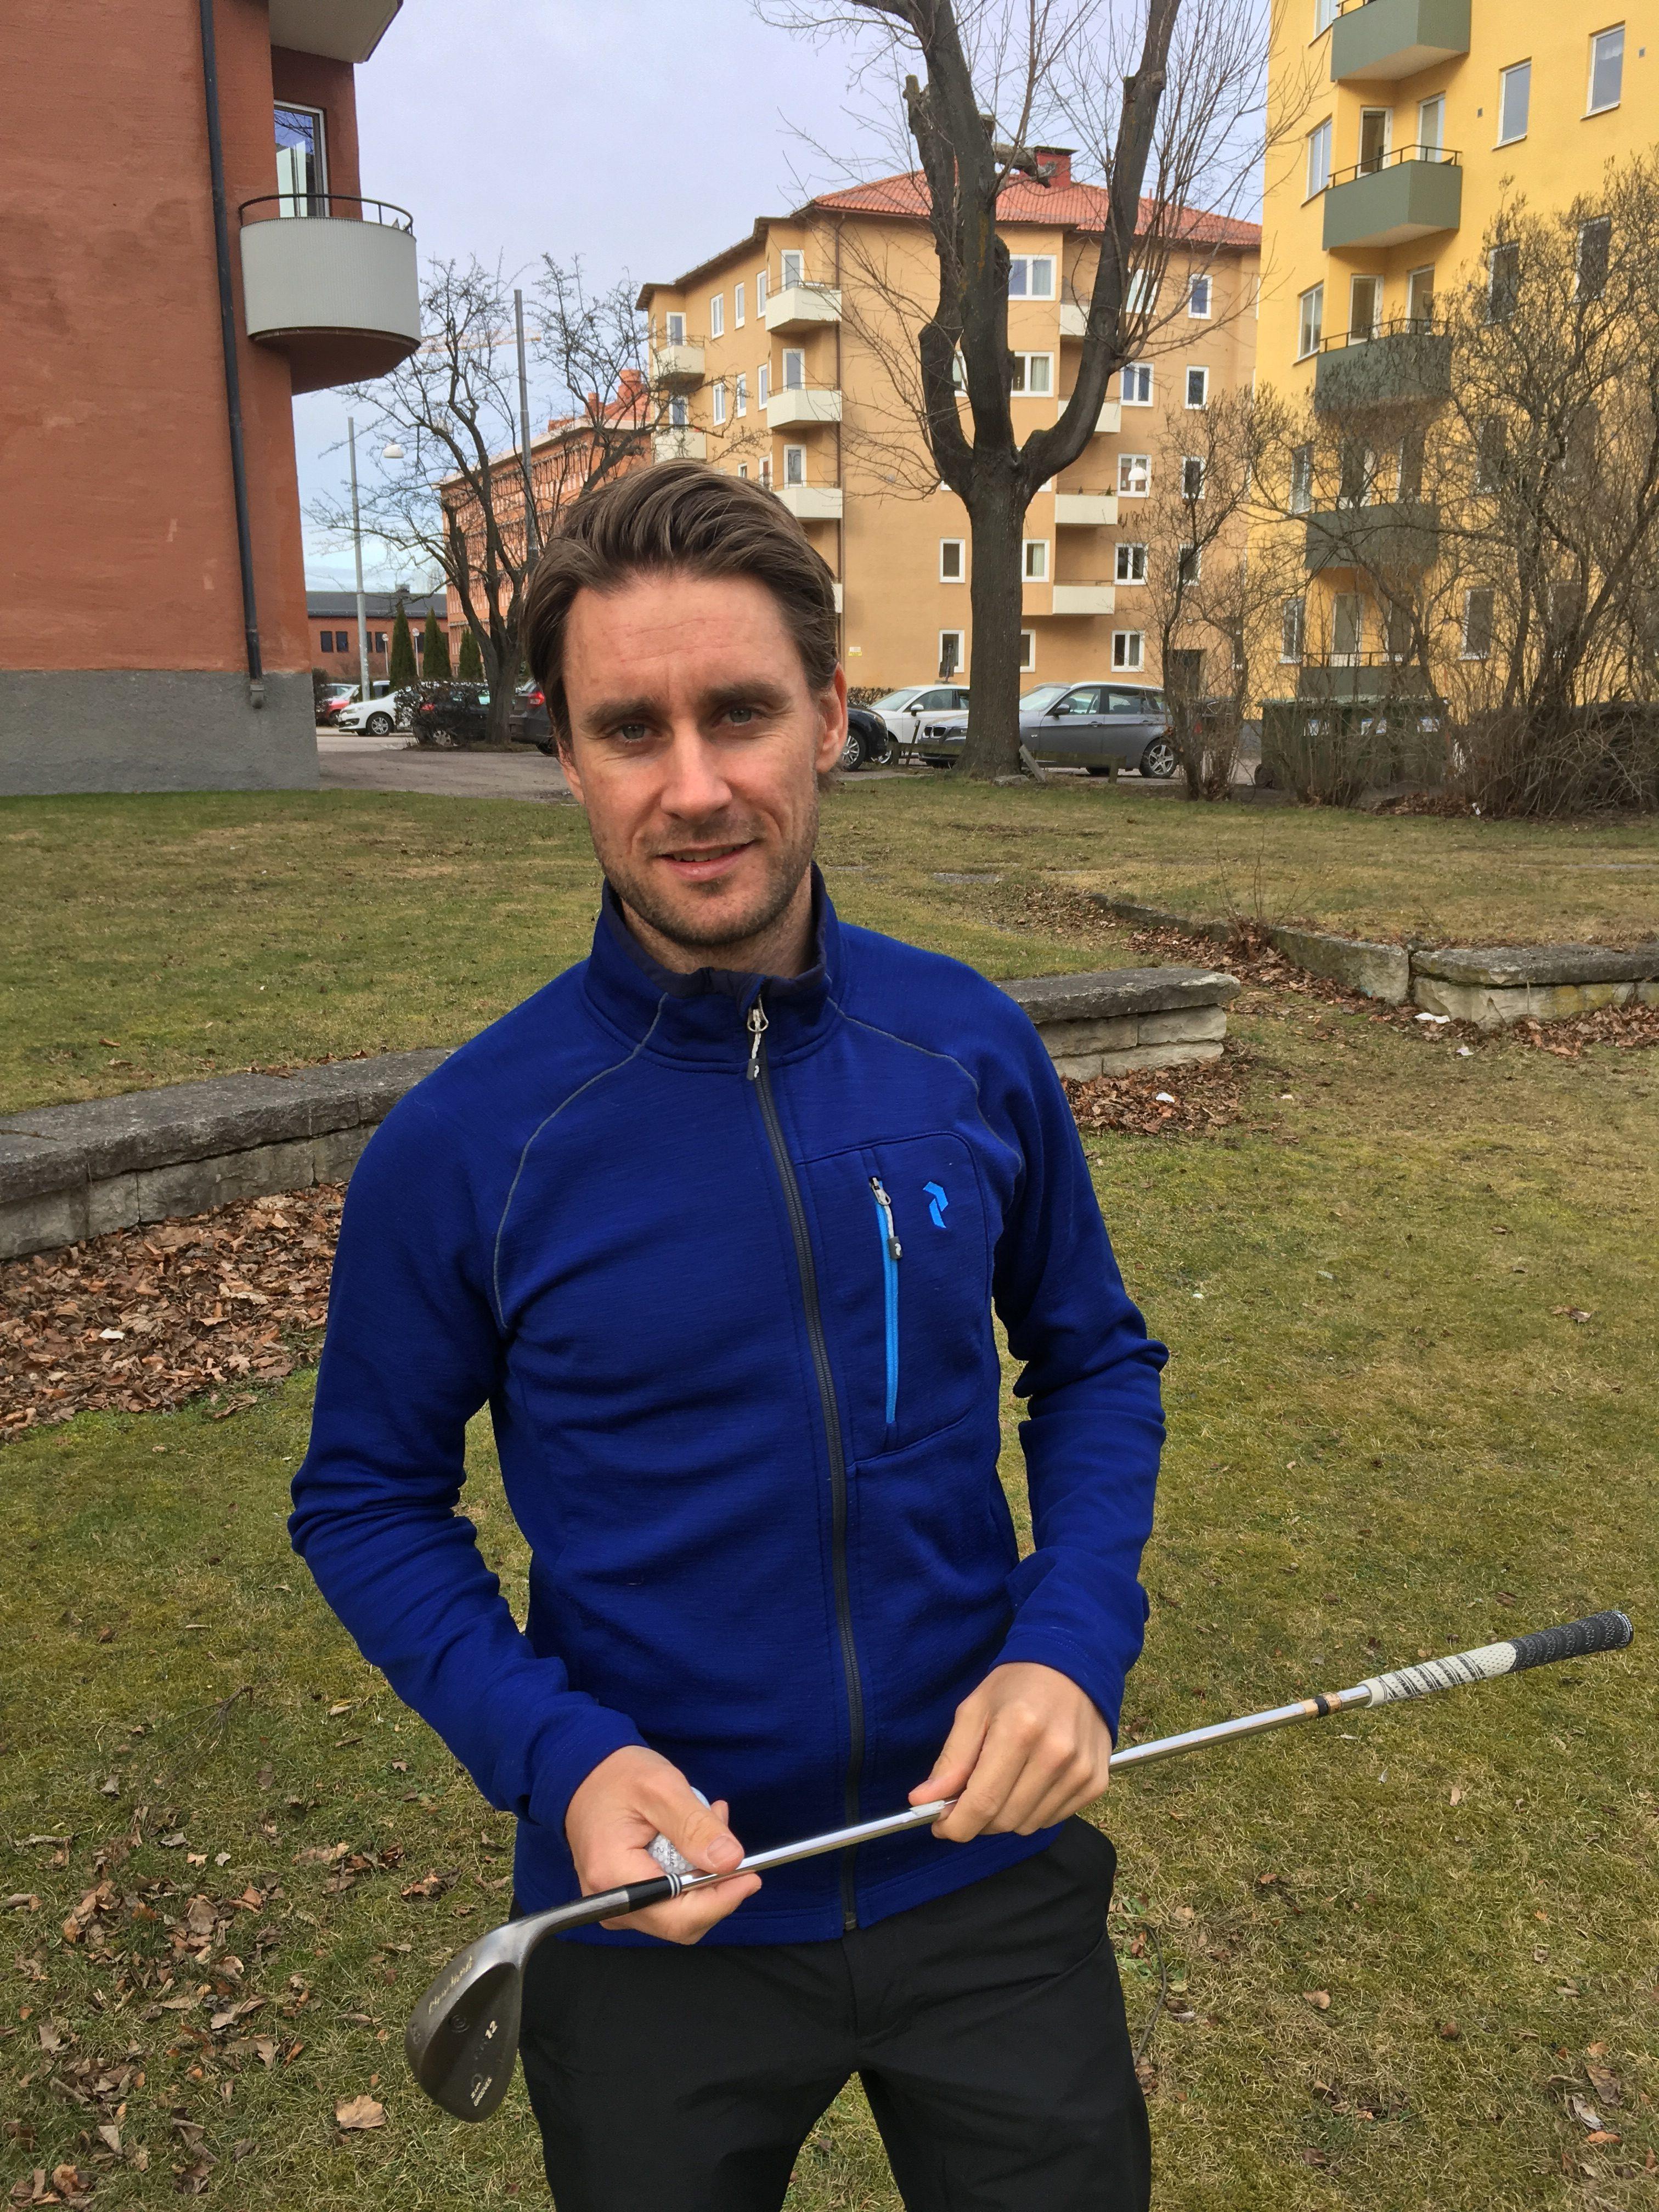 Golftränare Michael Persson med golfklubba